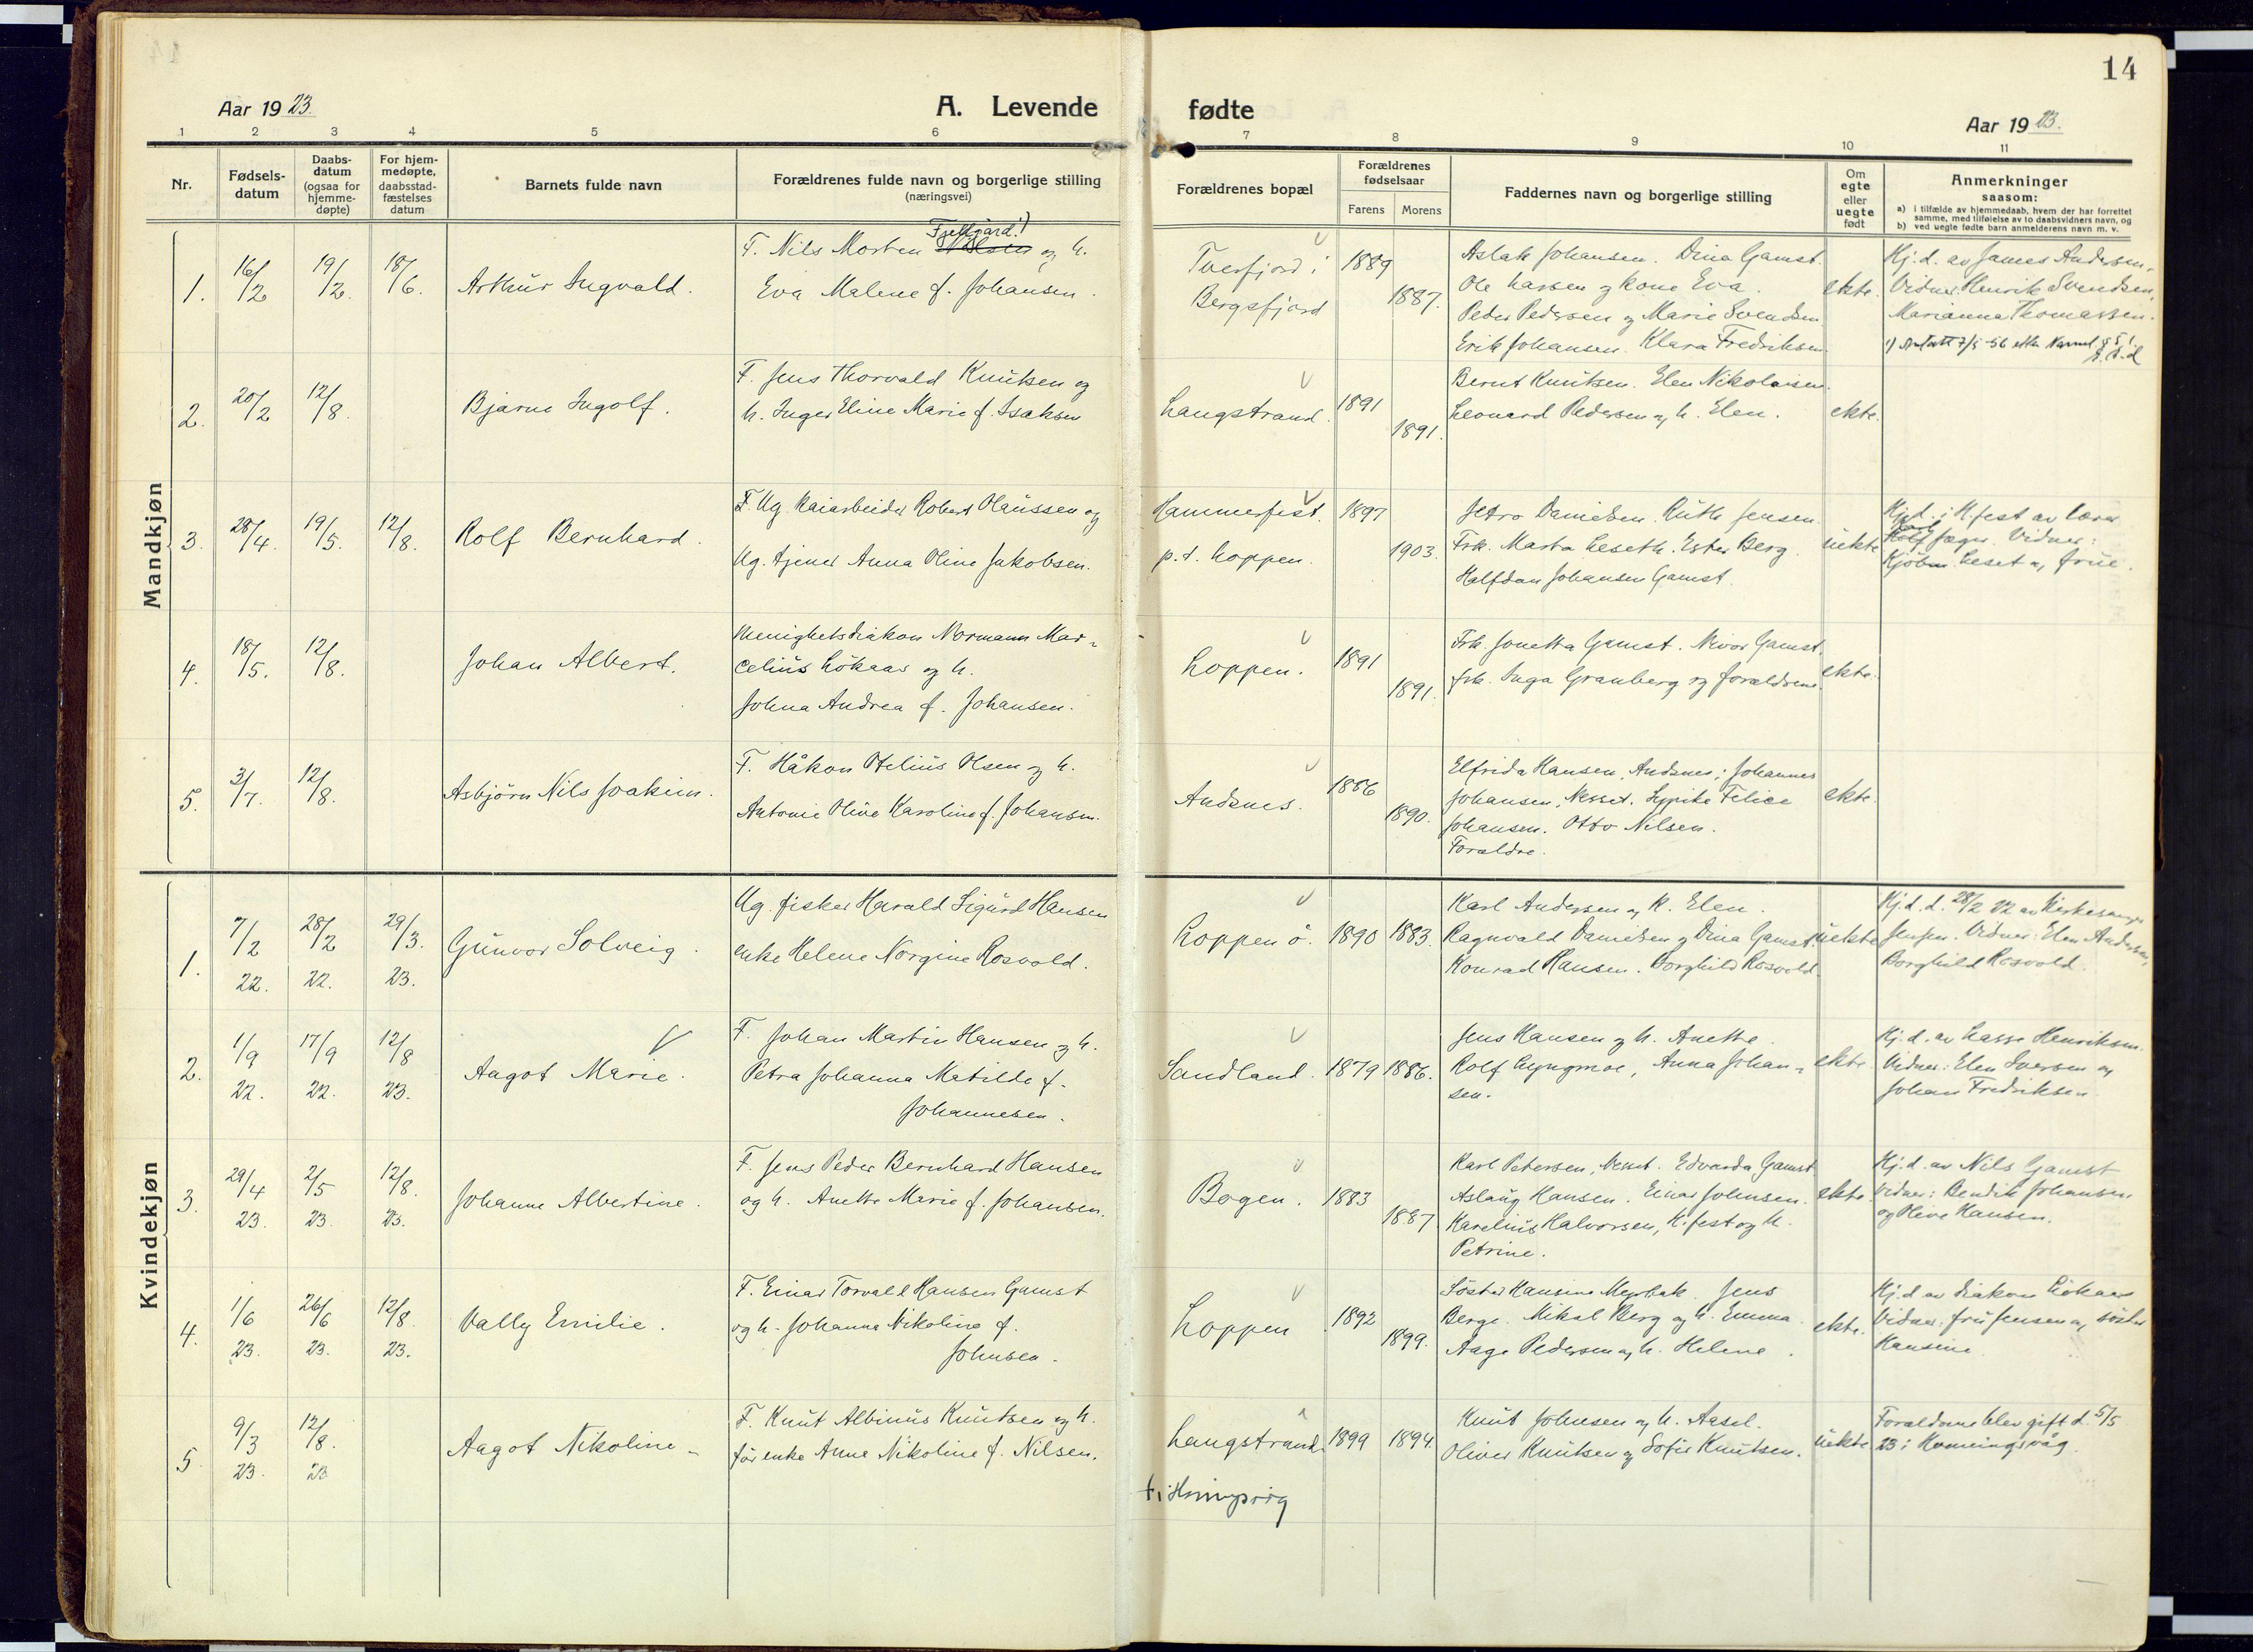 SATØ, Loppa sokneprestkontor, H/Ha/L0013kirke: Ministerialbok nr. 13, 1920-1932, s. 14